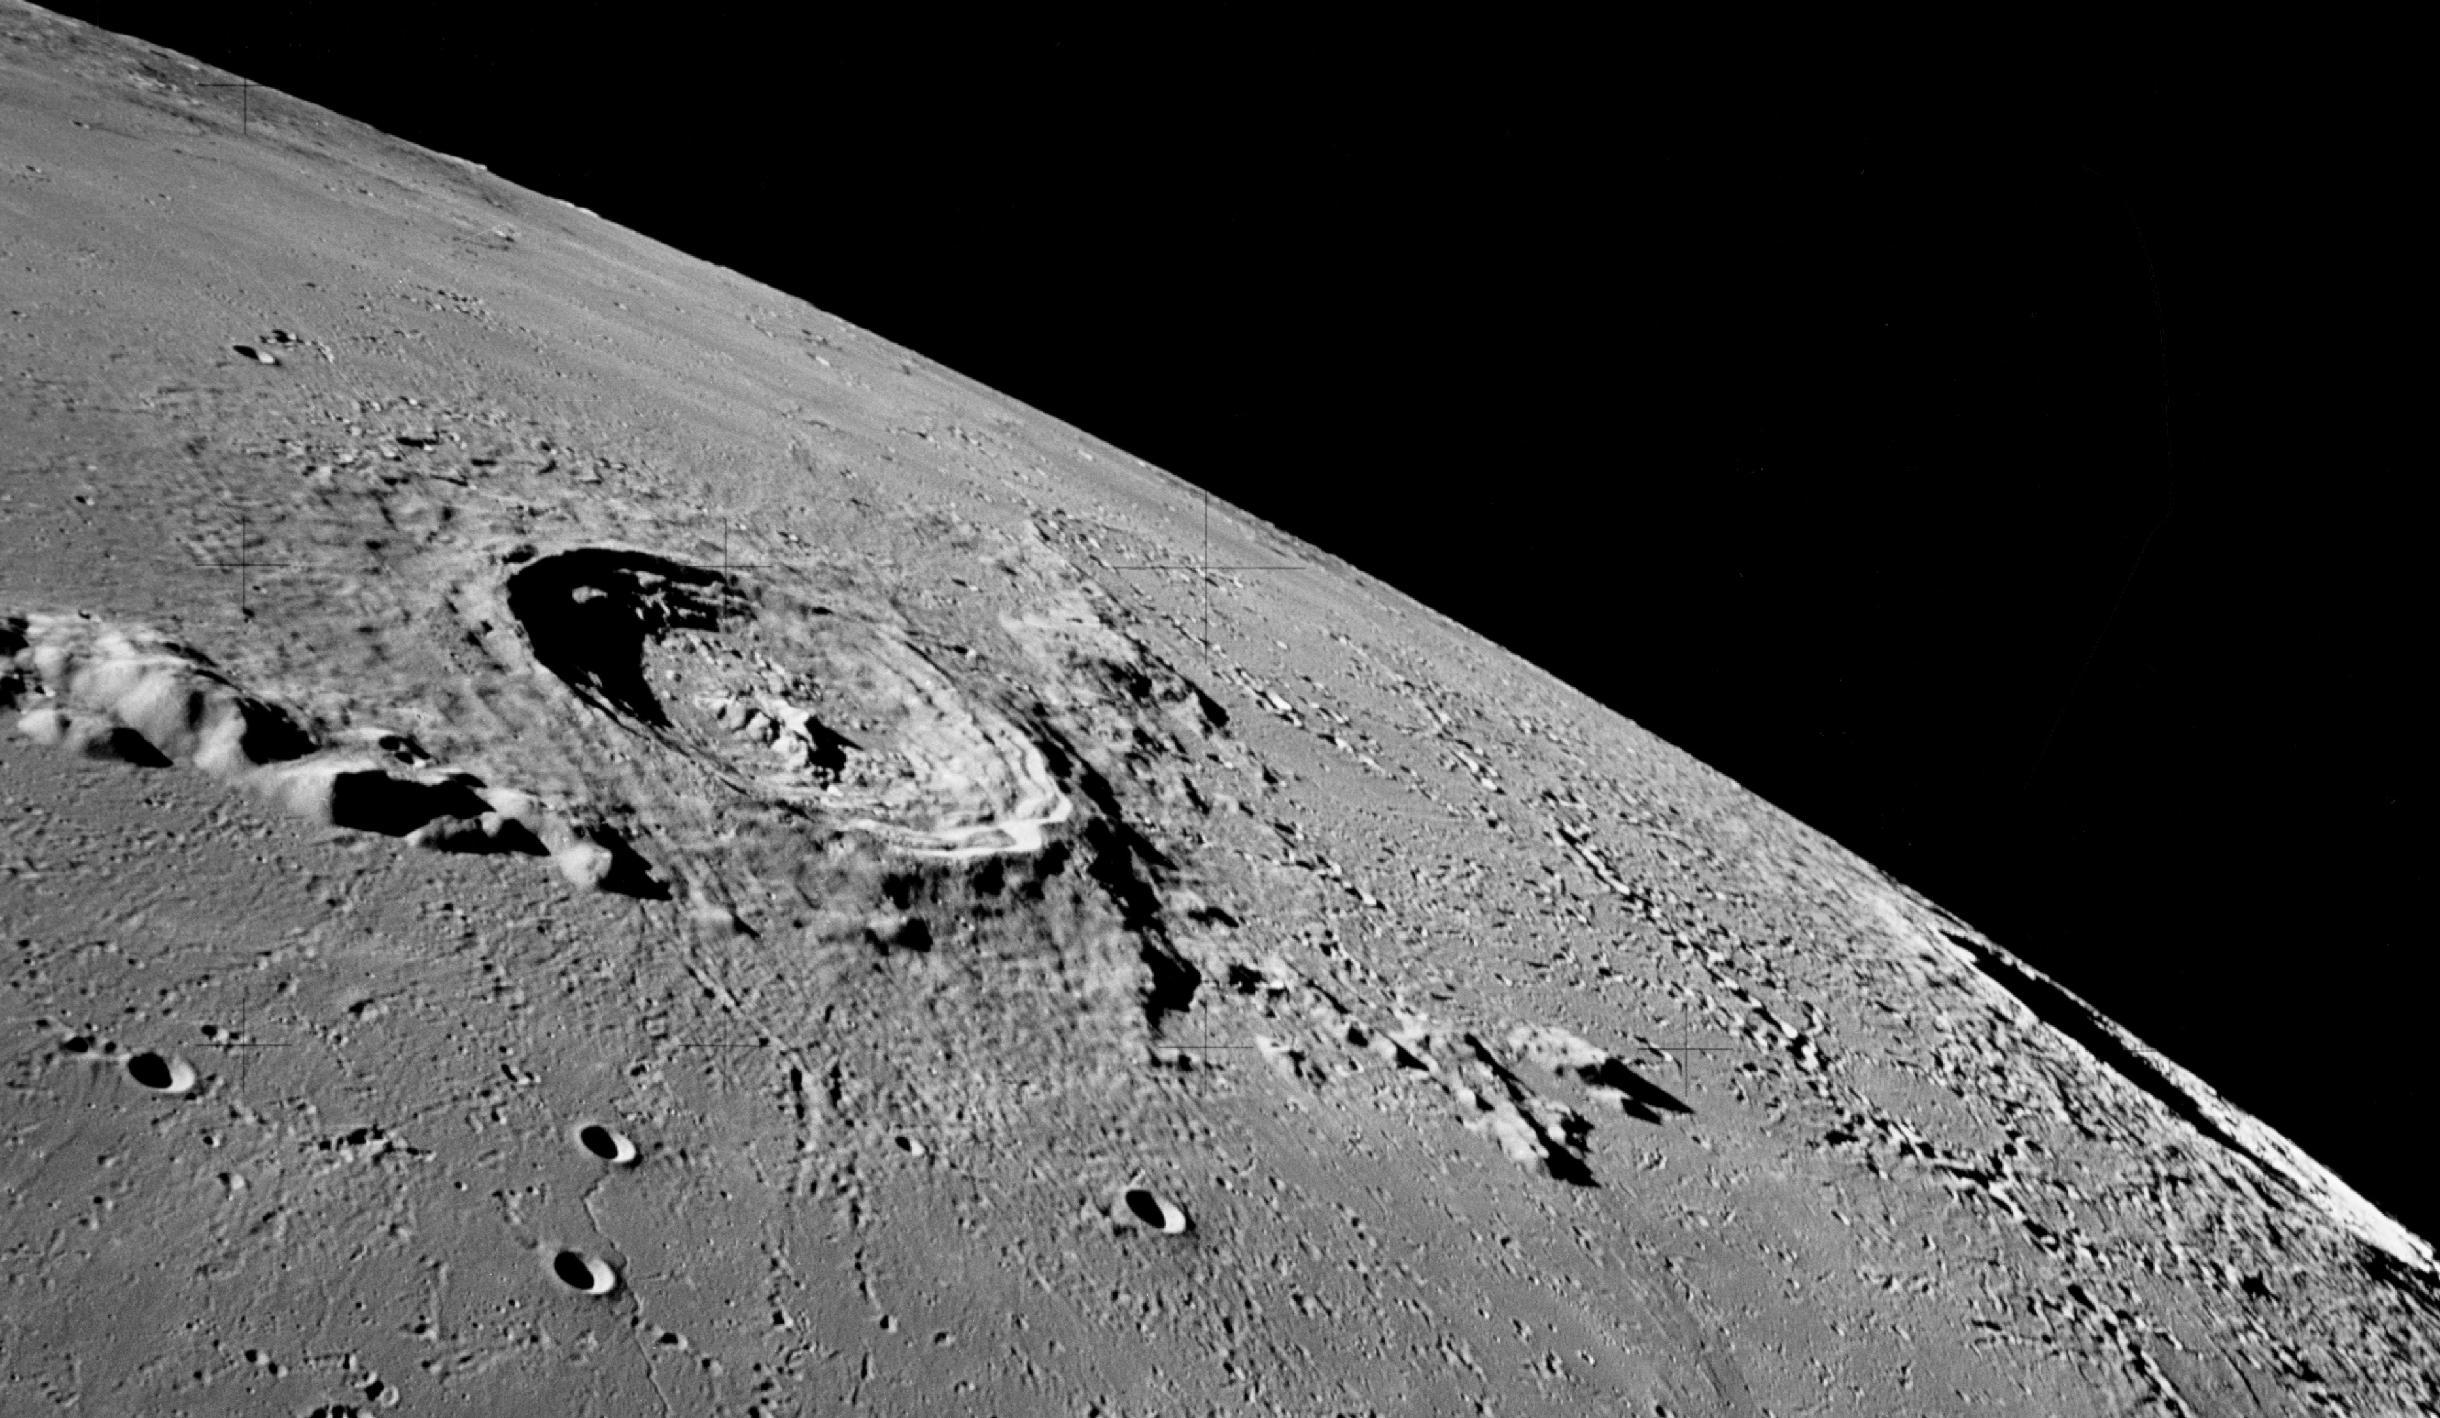 ارائه نظریه وجود آب در ماه برای باری دیگر